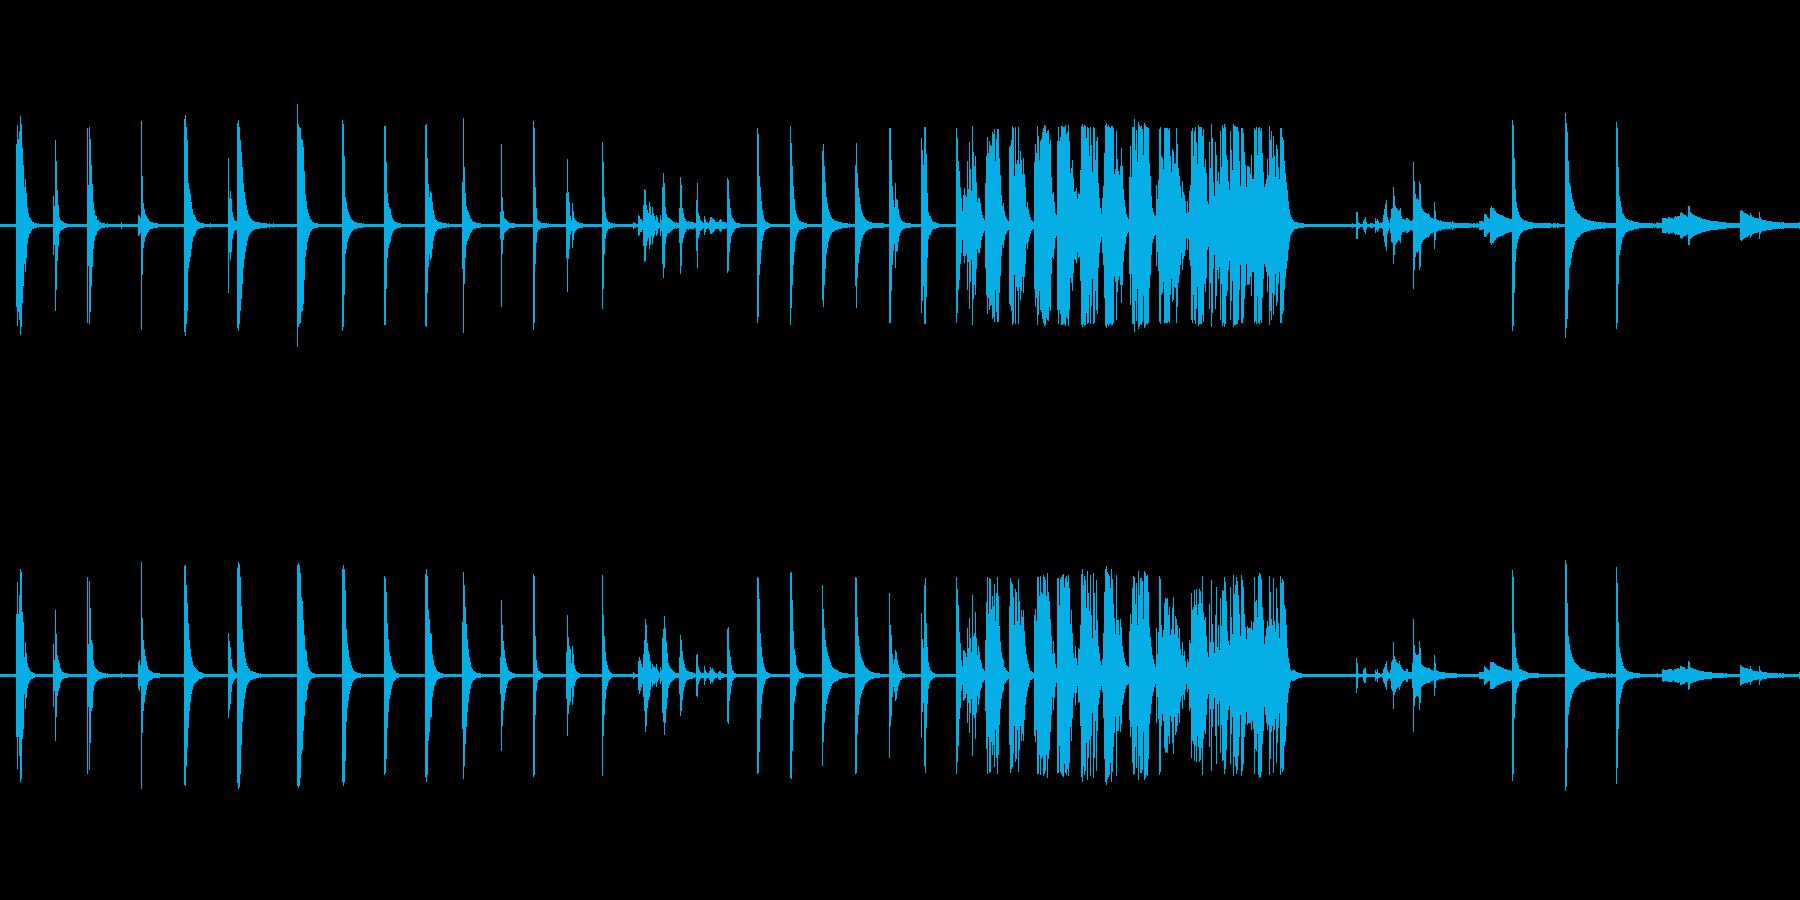 ベルテンプルリングアウト複数の再生済みの波形